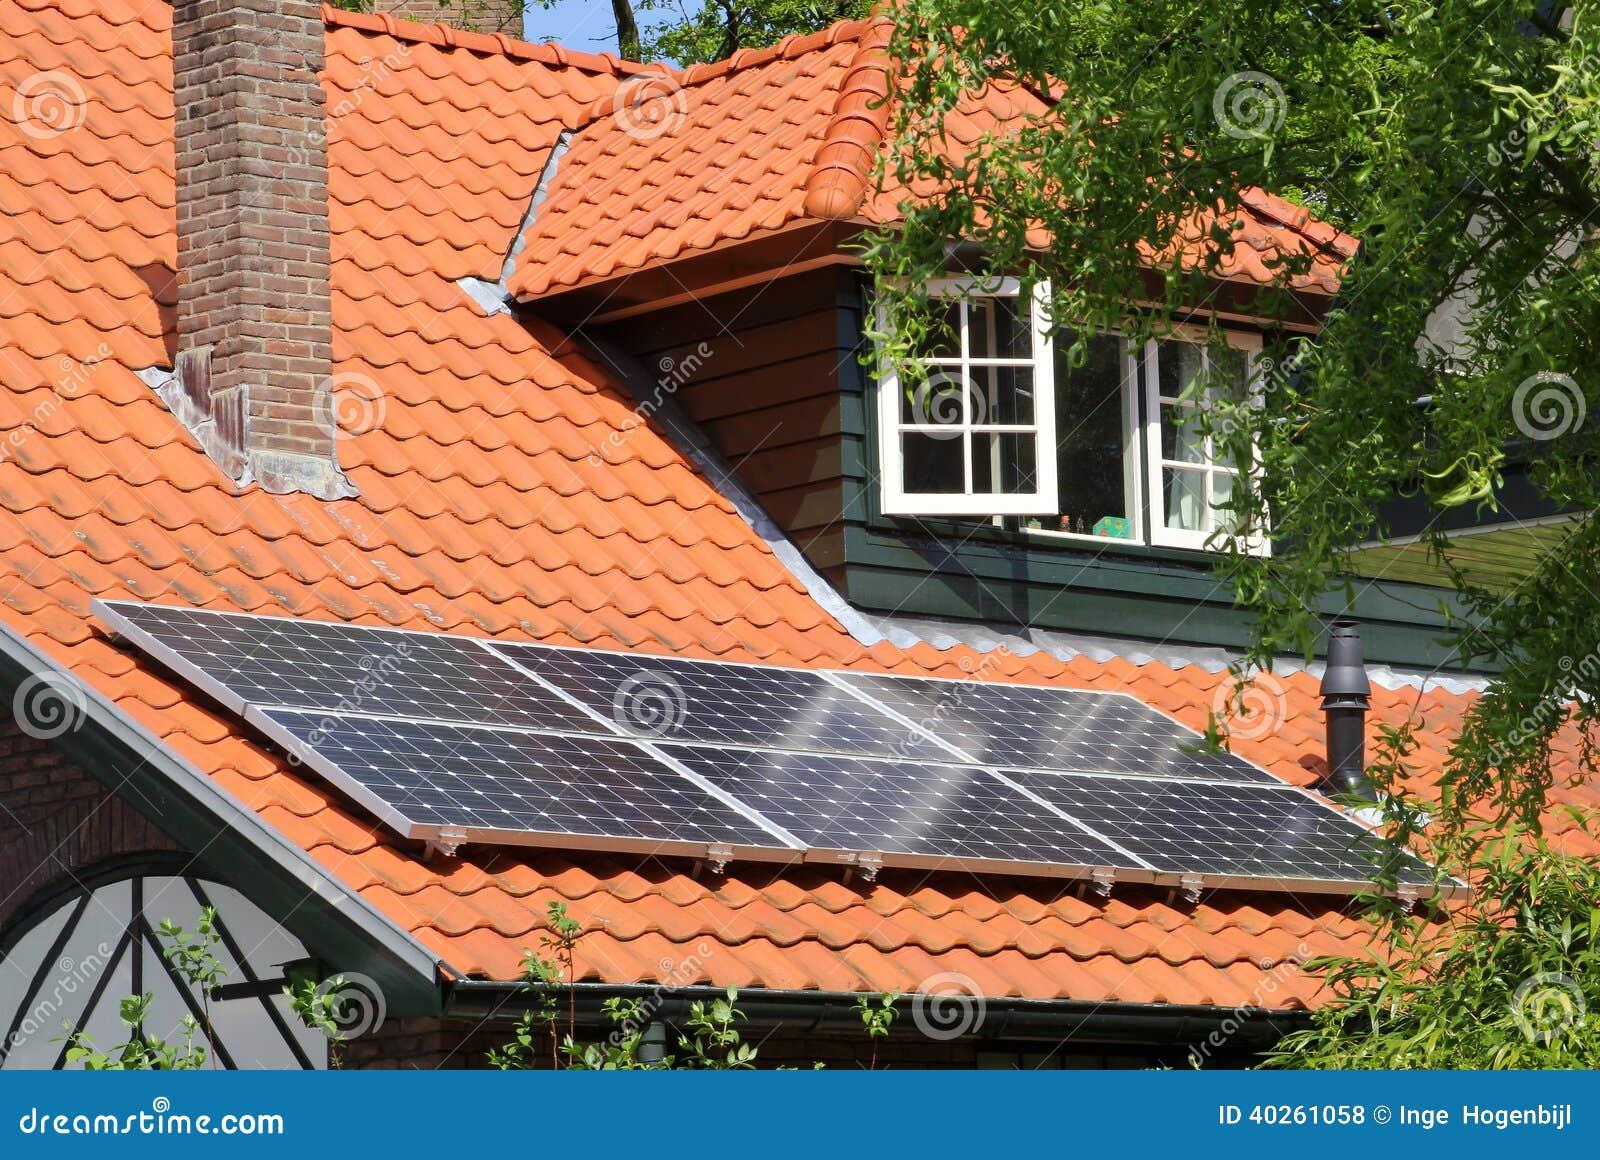 Tejado de la casa moderna con los paneles solares y las for Tipos de tejados de casas